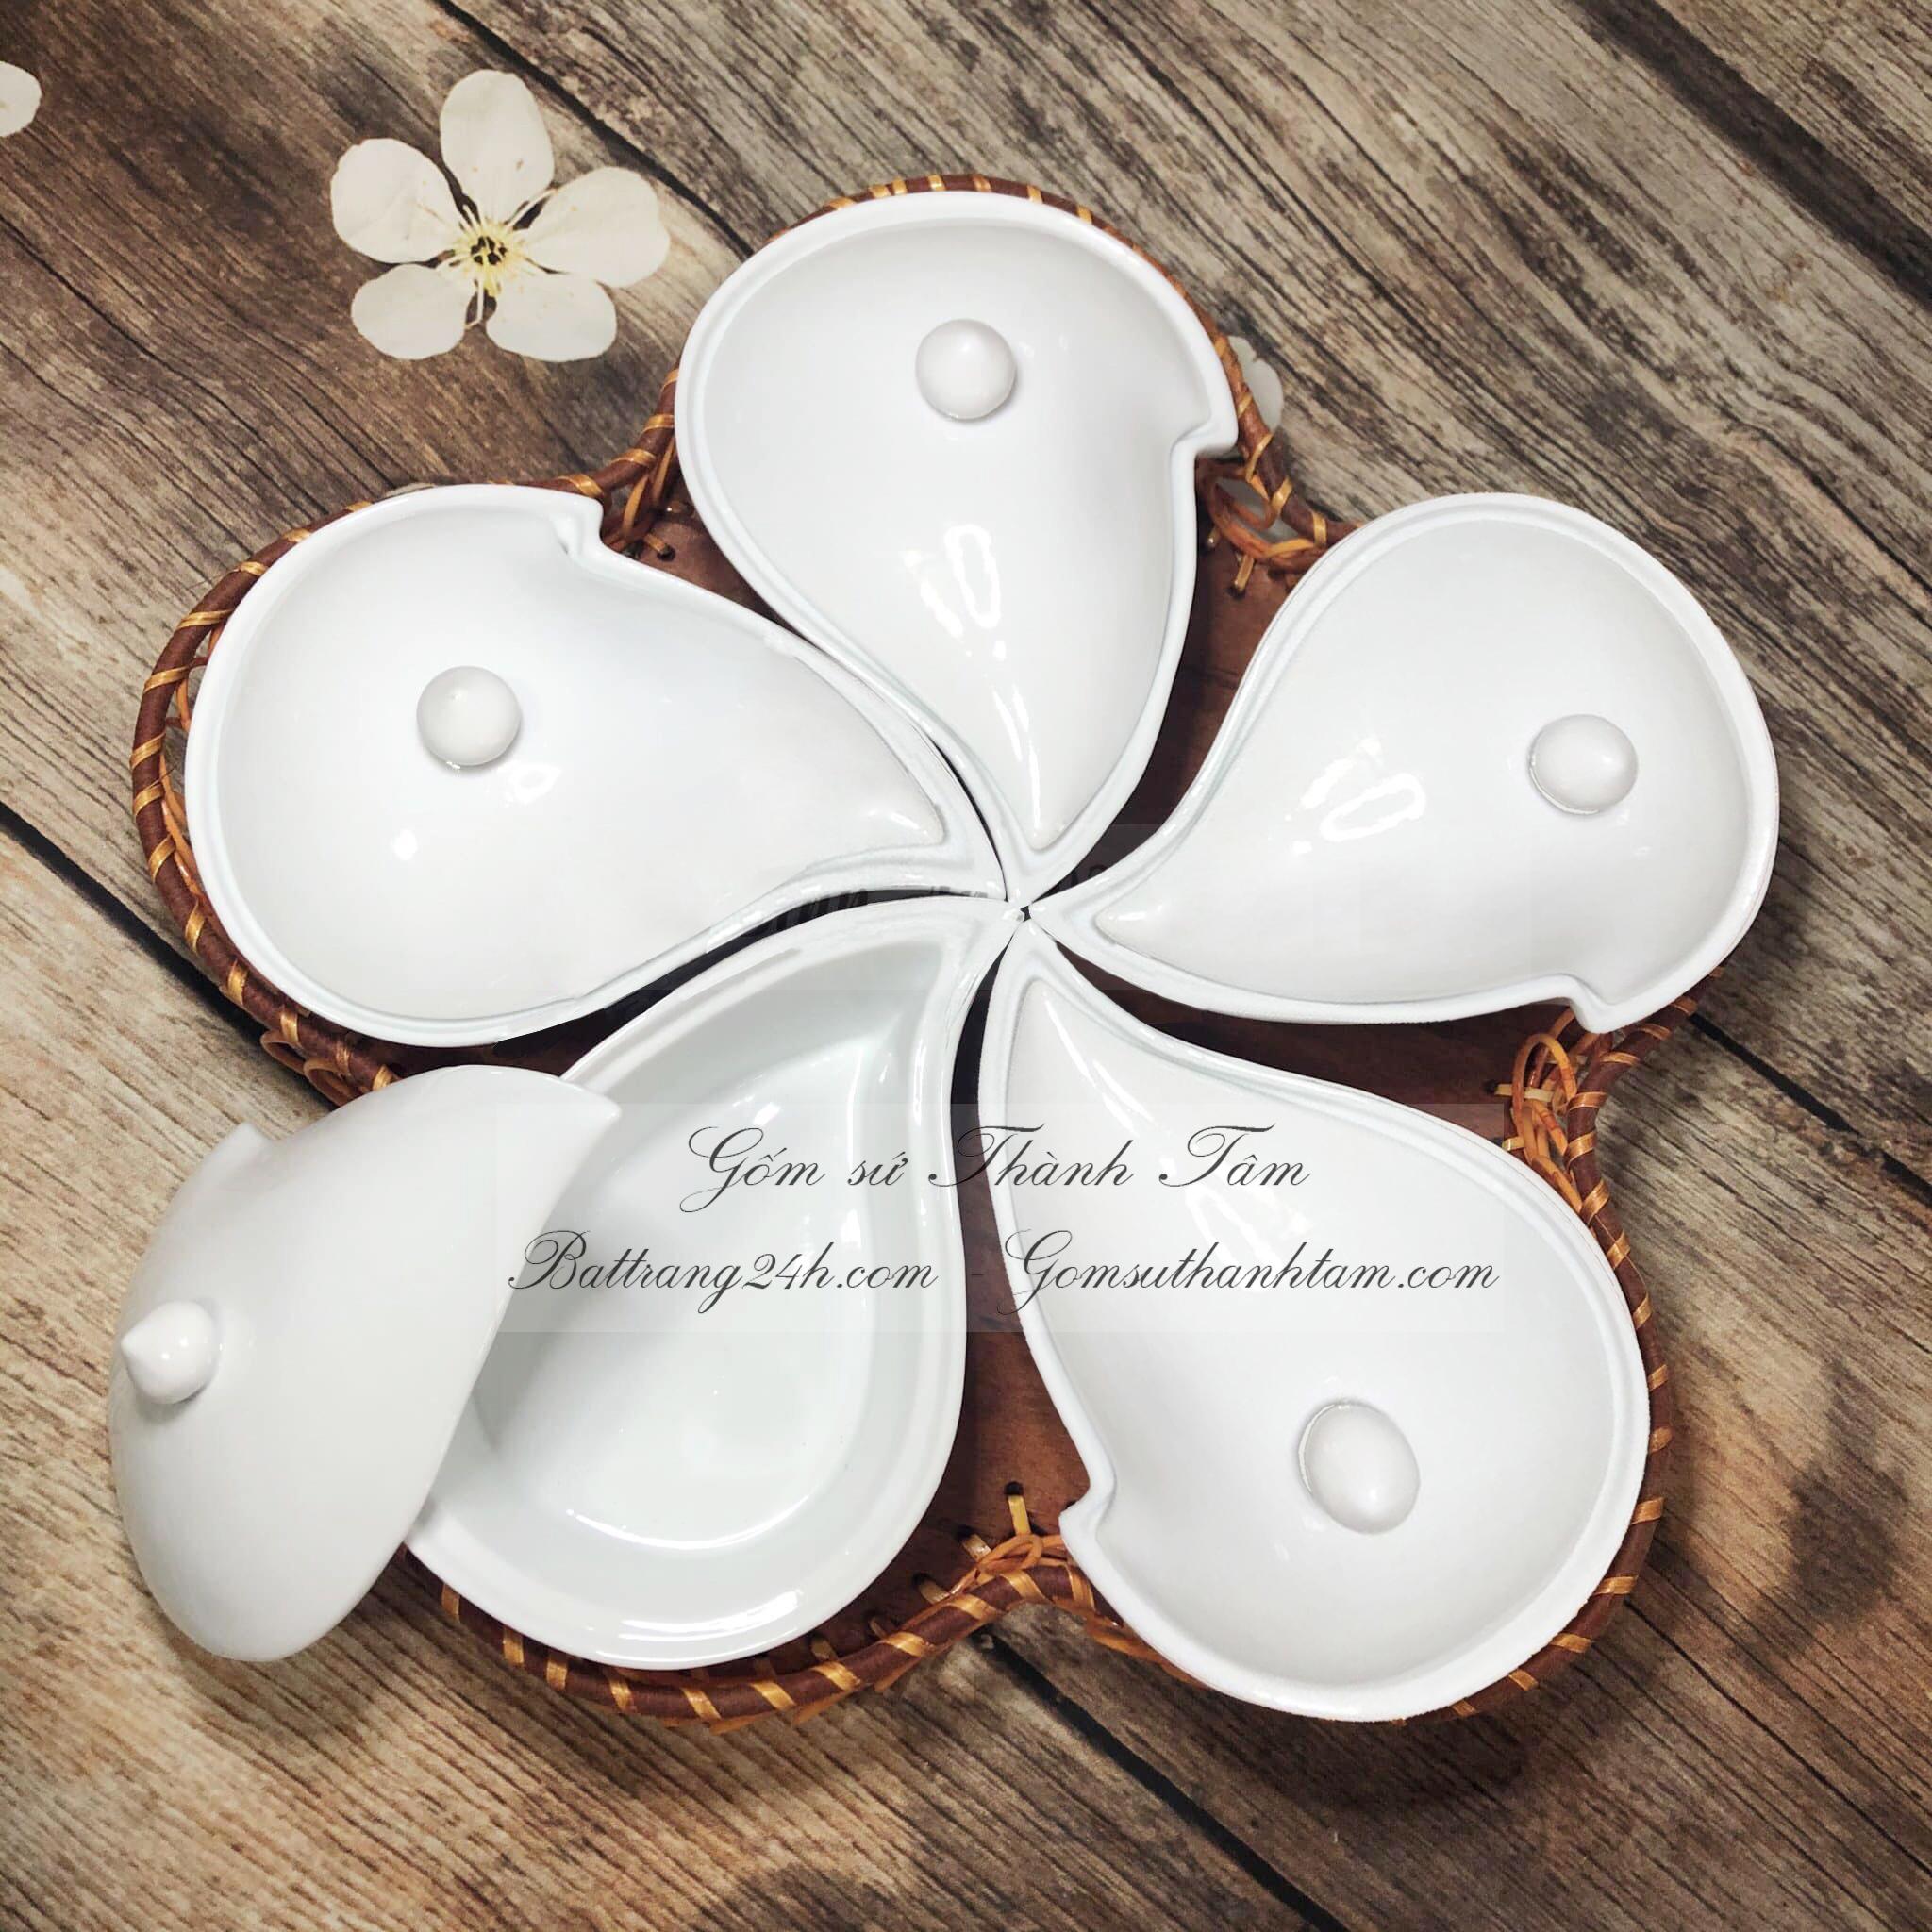 Bán khay đựng mứt bằng gốm sứ Bát Tràng có 5 ngă, khay đựng mứt kẹo đẹp mắt giá rẻ